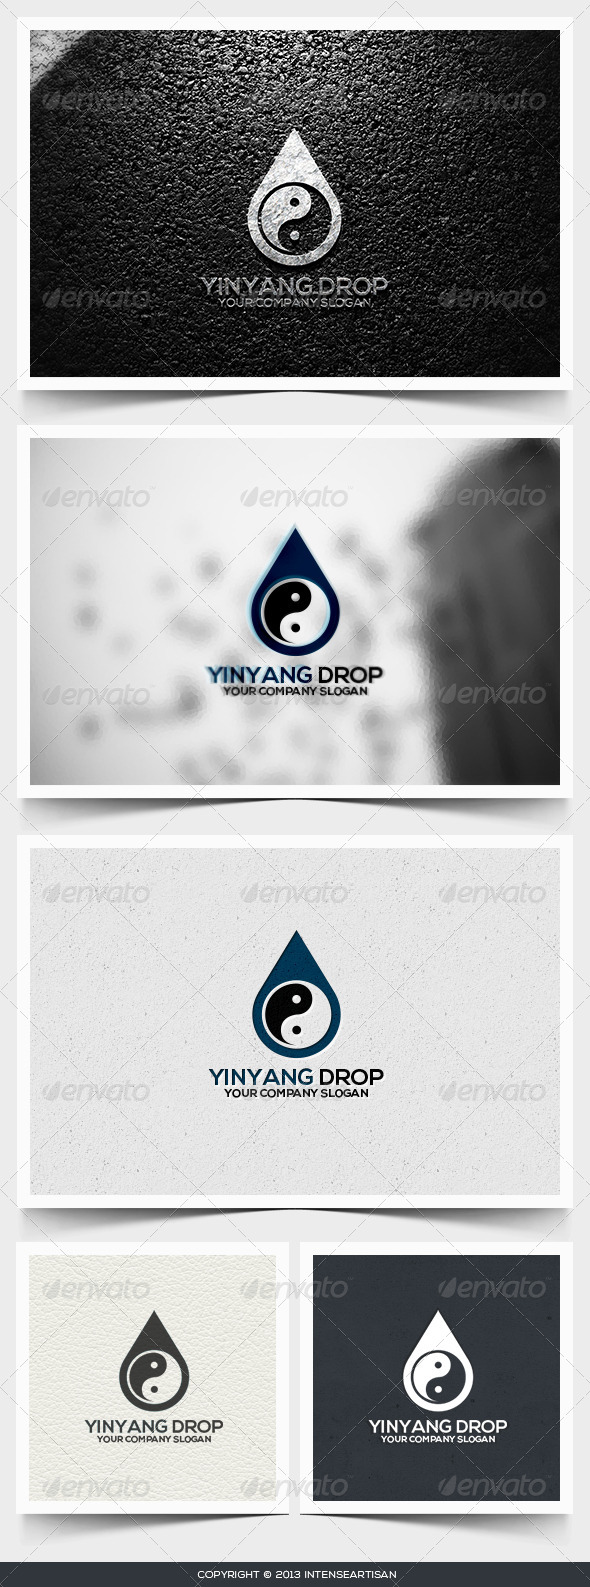 Yinyang Drop Logo Template - Symbols Logo Templates